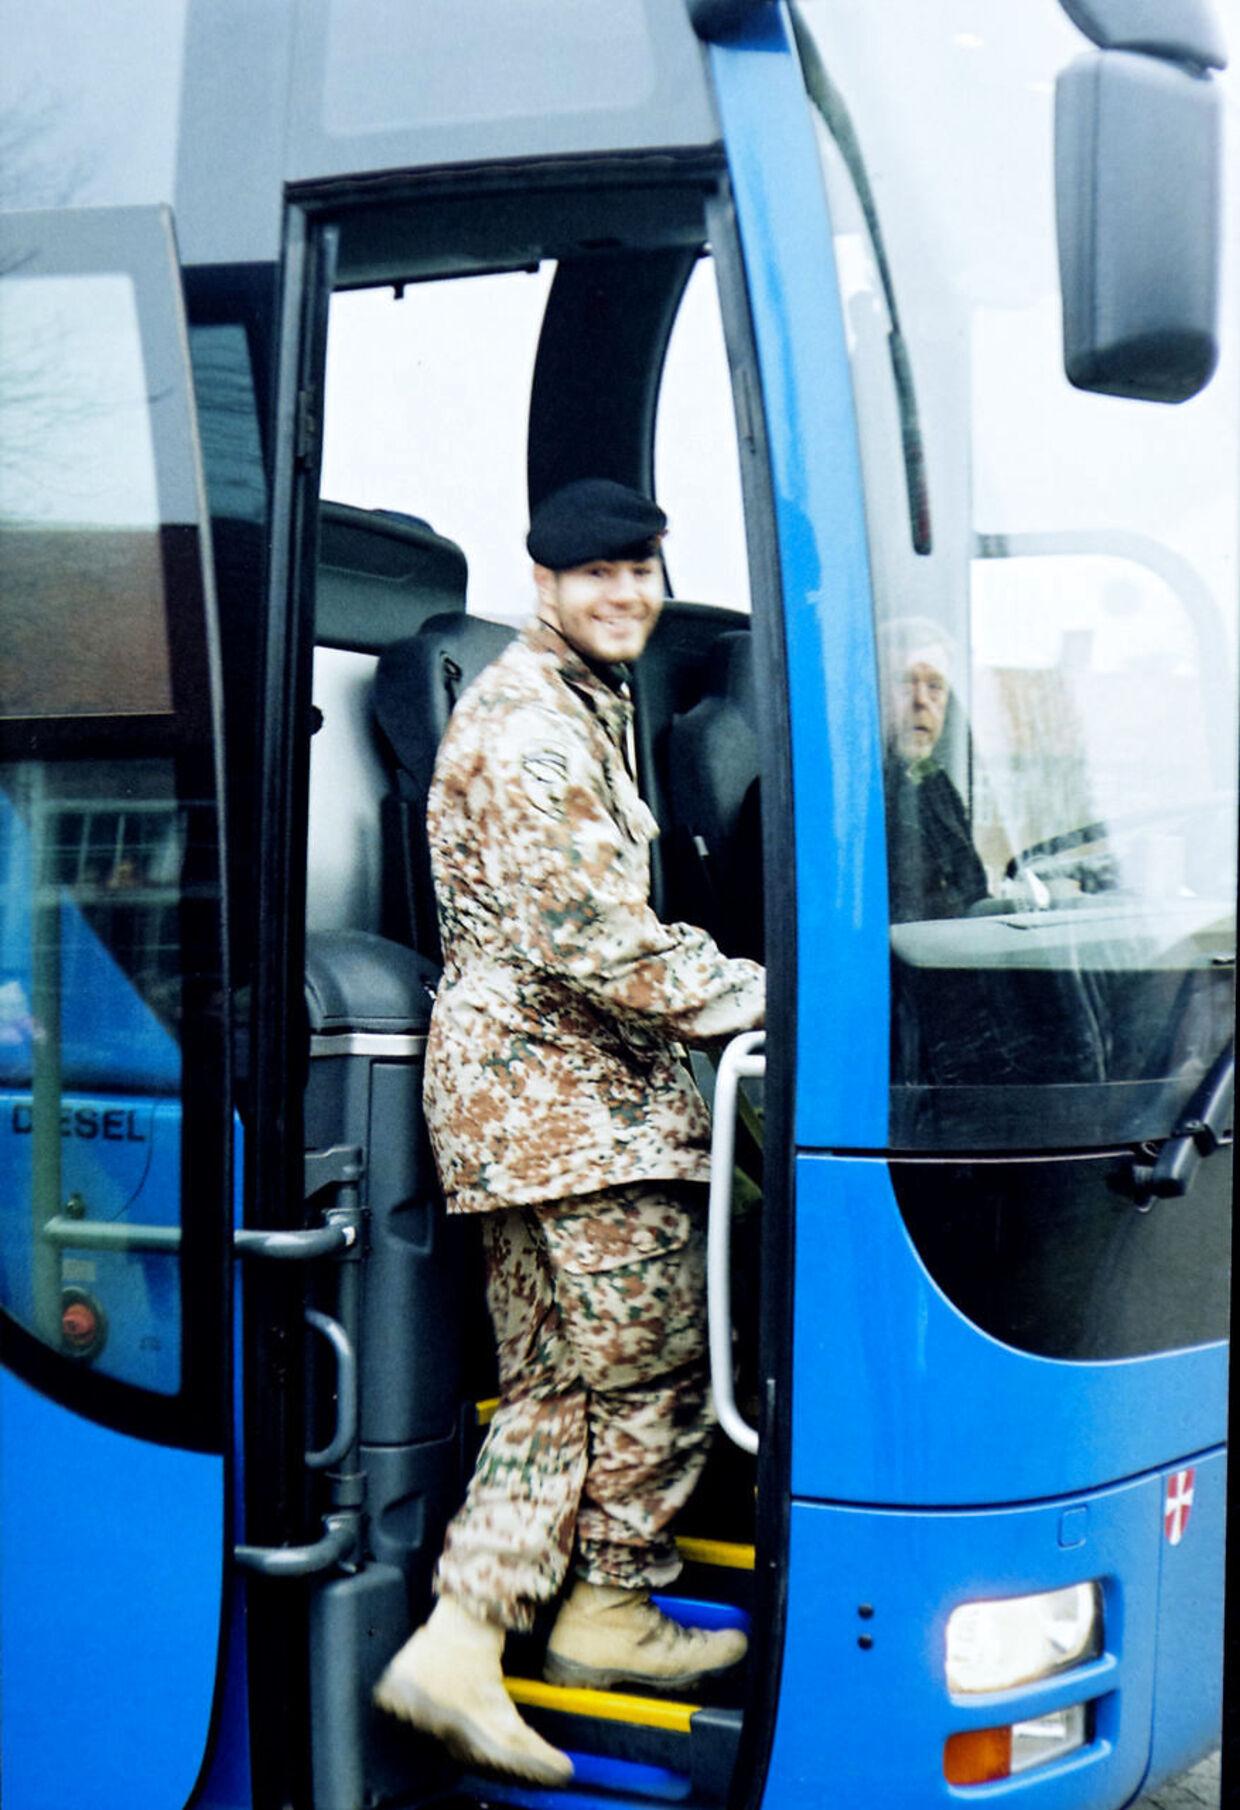 Sådan så han ud, Casper Olsen, da hans forældre vinkede farvel før afrejsen fra Danmark i februar 2008. Dén Casper får de aldrig igen. (PRIVATFOTO)